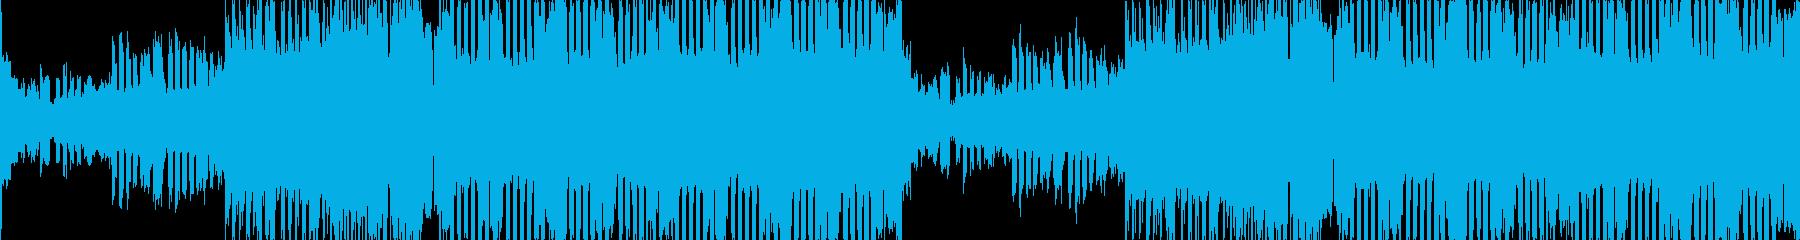 エキサイティングEDM情熱的オープニングの再生済みの波形